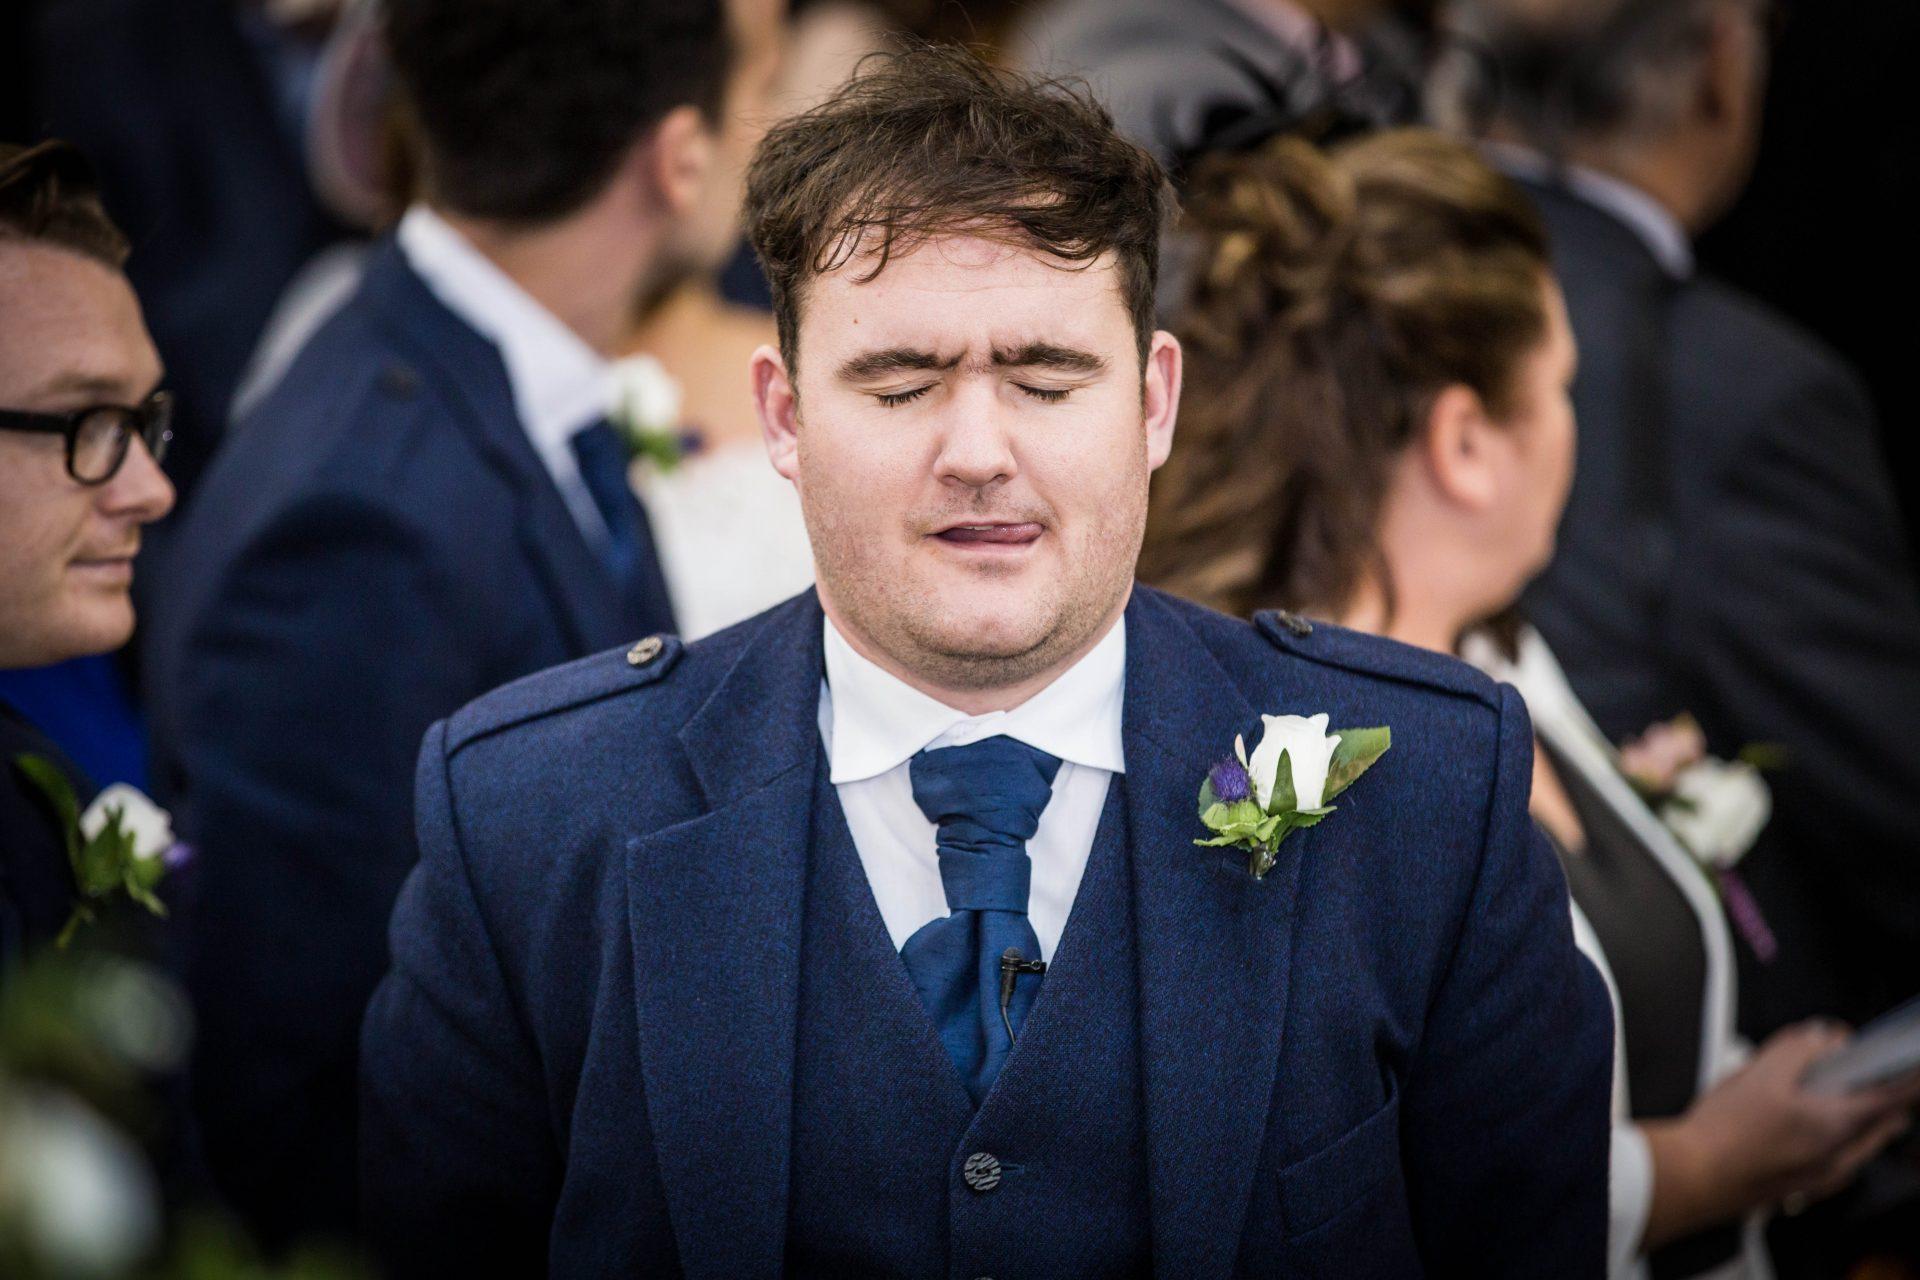 #Weddingphotographerinleeds